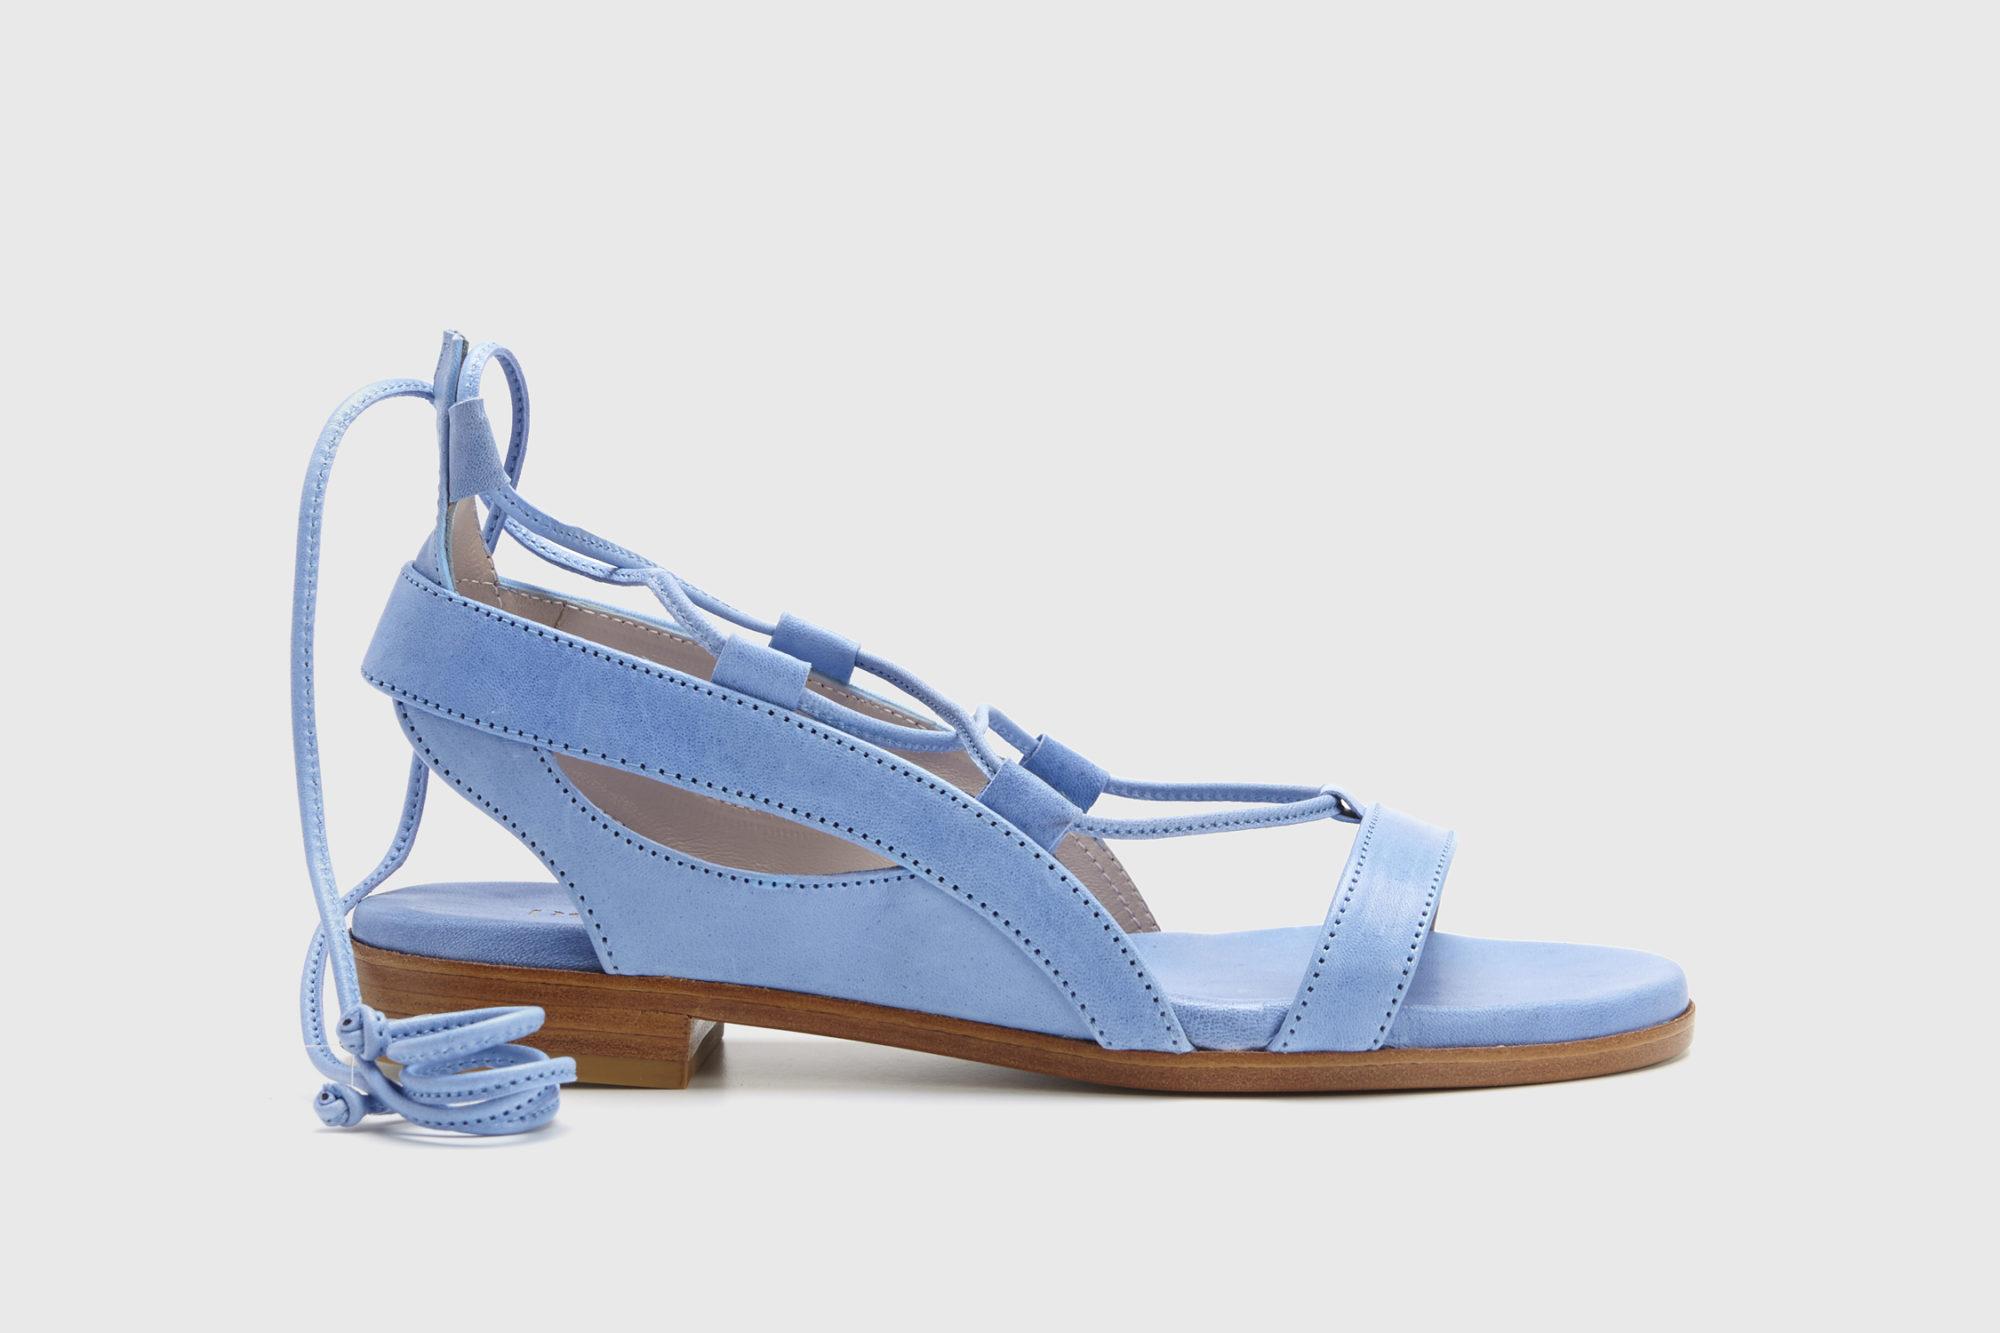 Dorotea sandalia plana Alia azul ss17 perfil